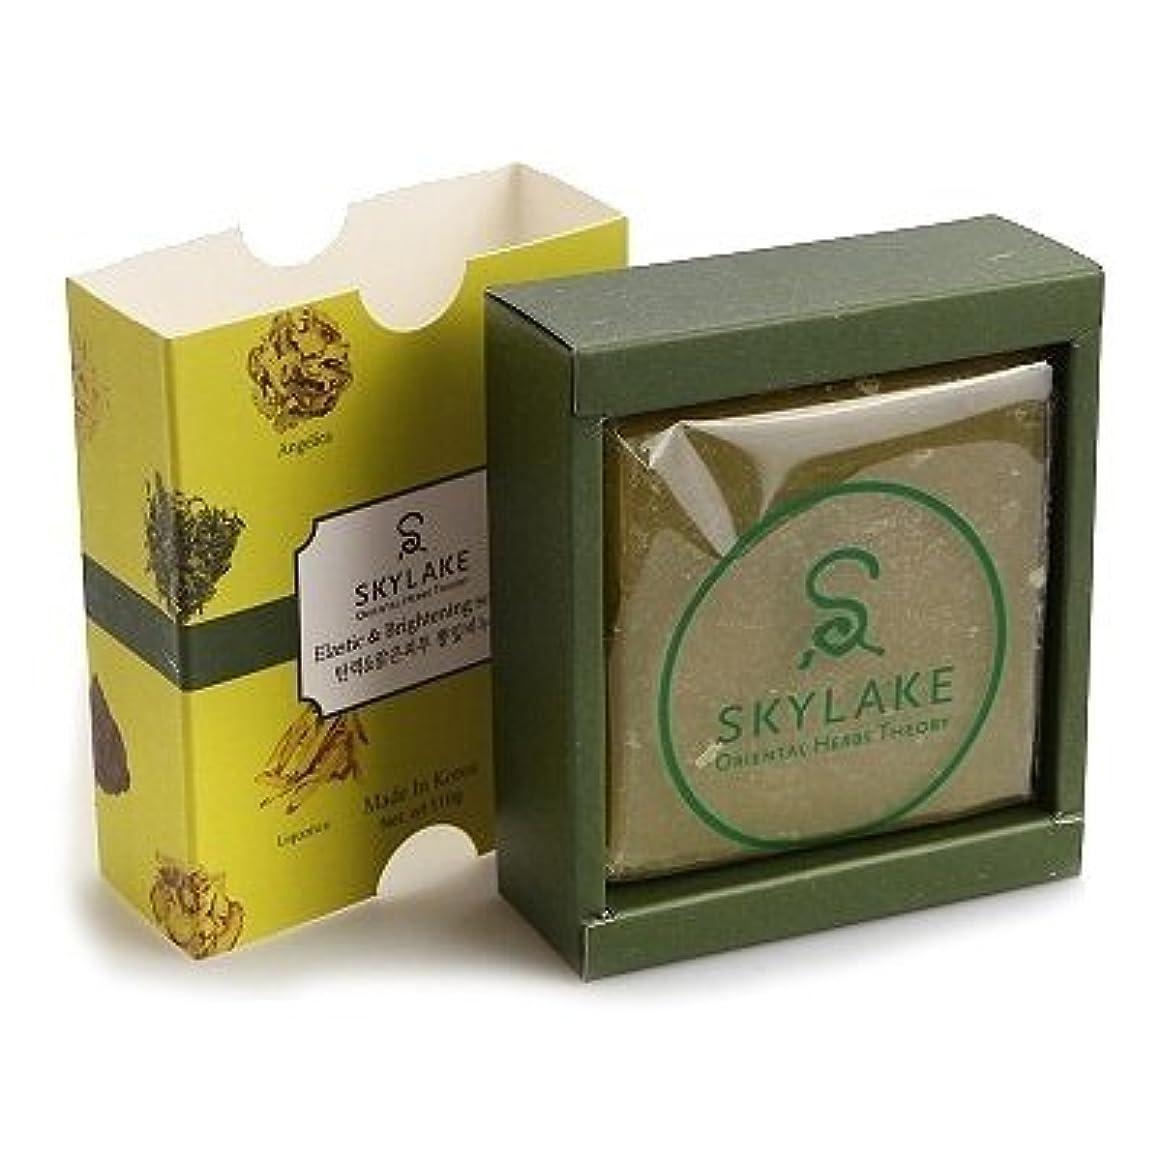 心から一月成分ハヌルホス[Skylake] 漢方アロマ石鹸Oriental Herbs Theory Soap (ハリ改.善&ブライトニング用)